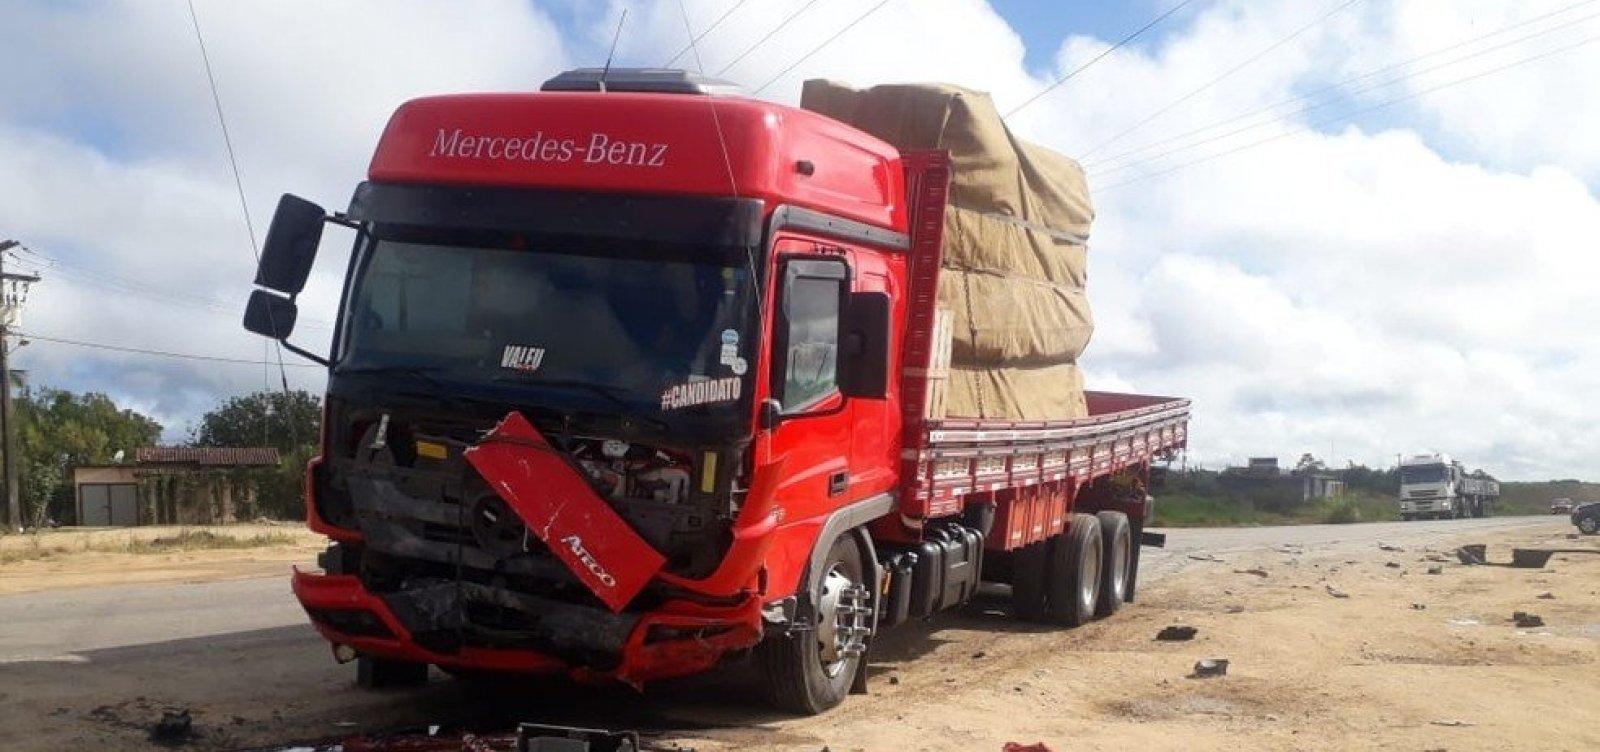 [Batida entre carro de passeio e caminhão deixa 4 mortos em rodovia na Bahia]